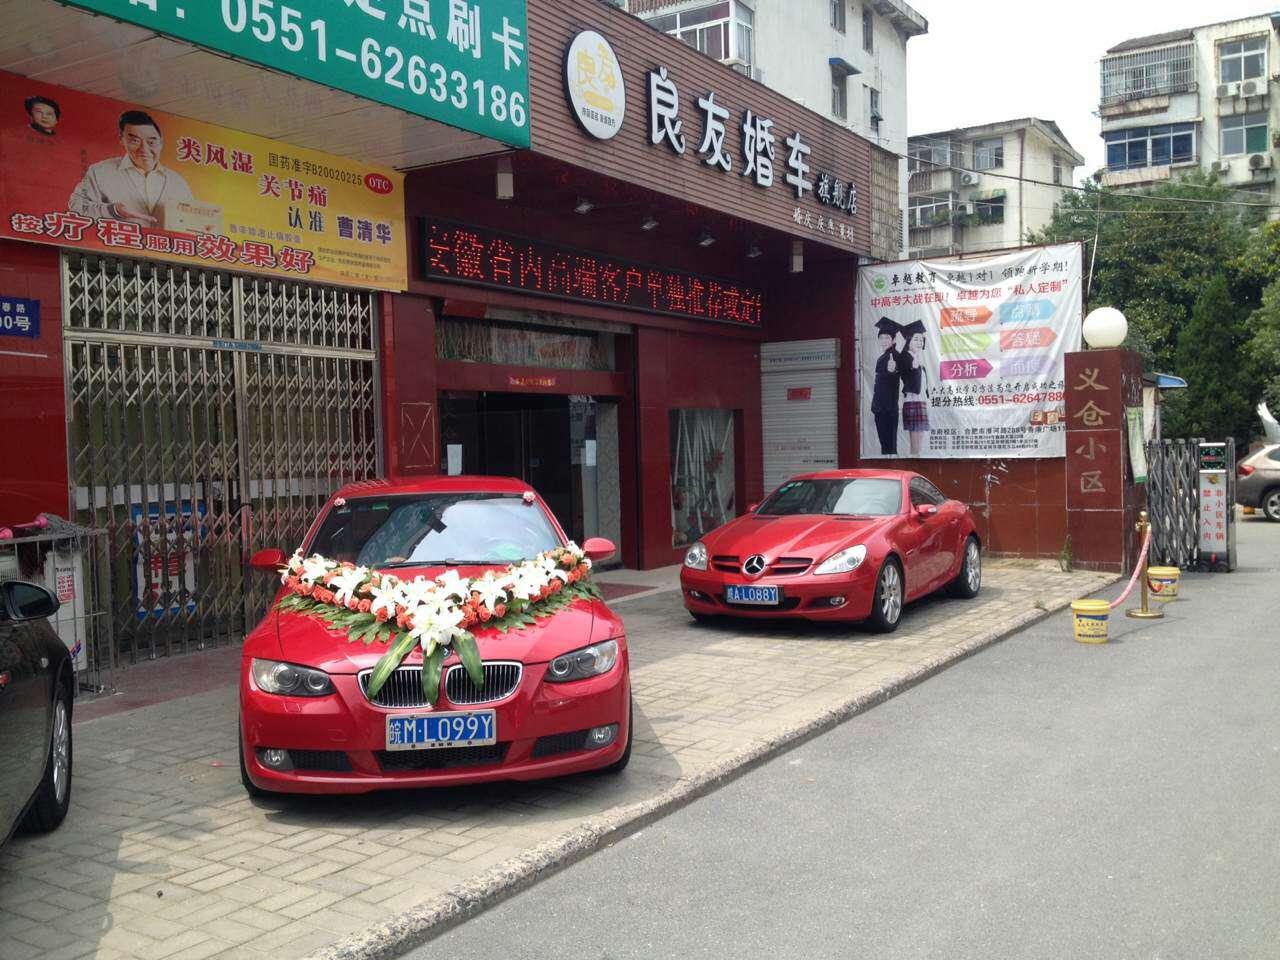 7月8日宝马敞篷与新款奥迪a6l车队来到长江东大街